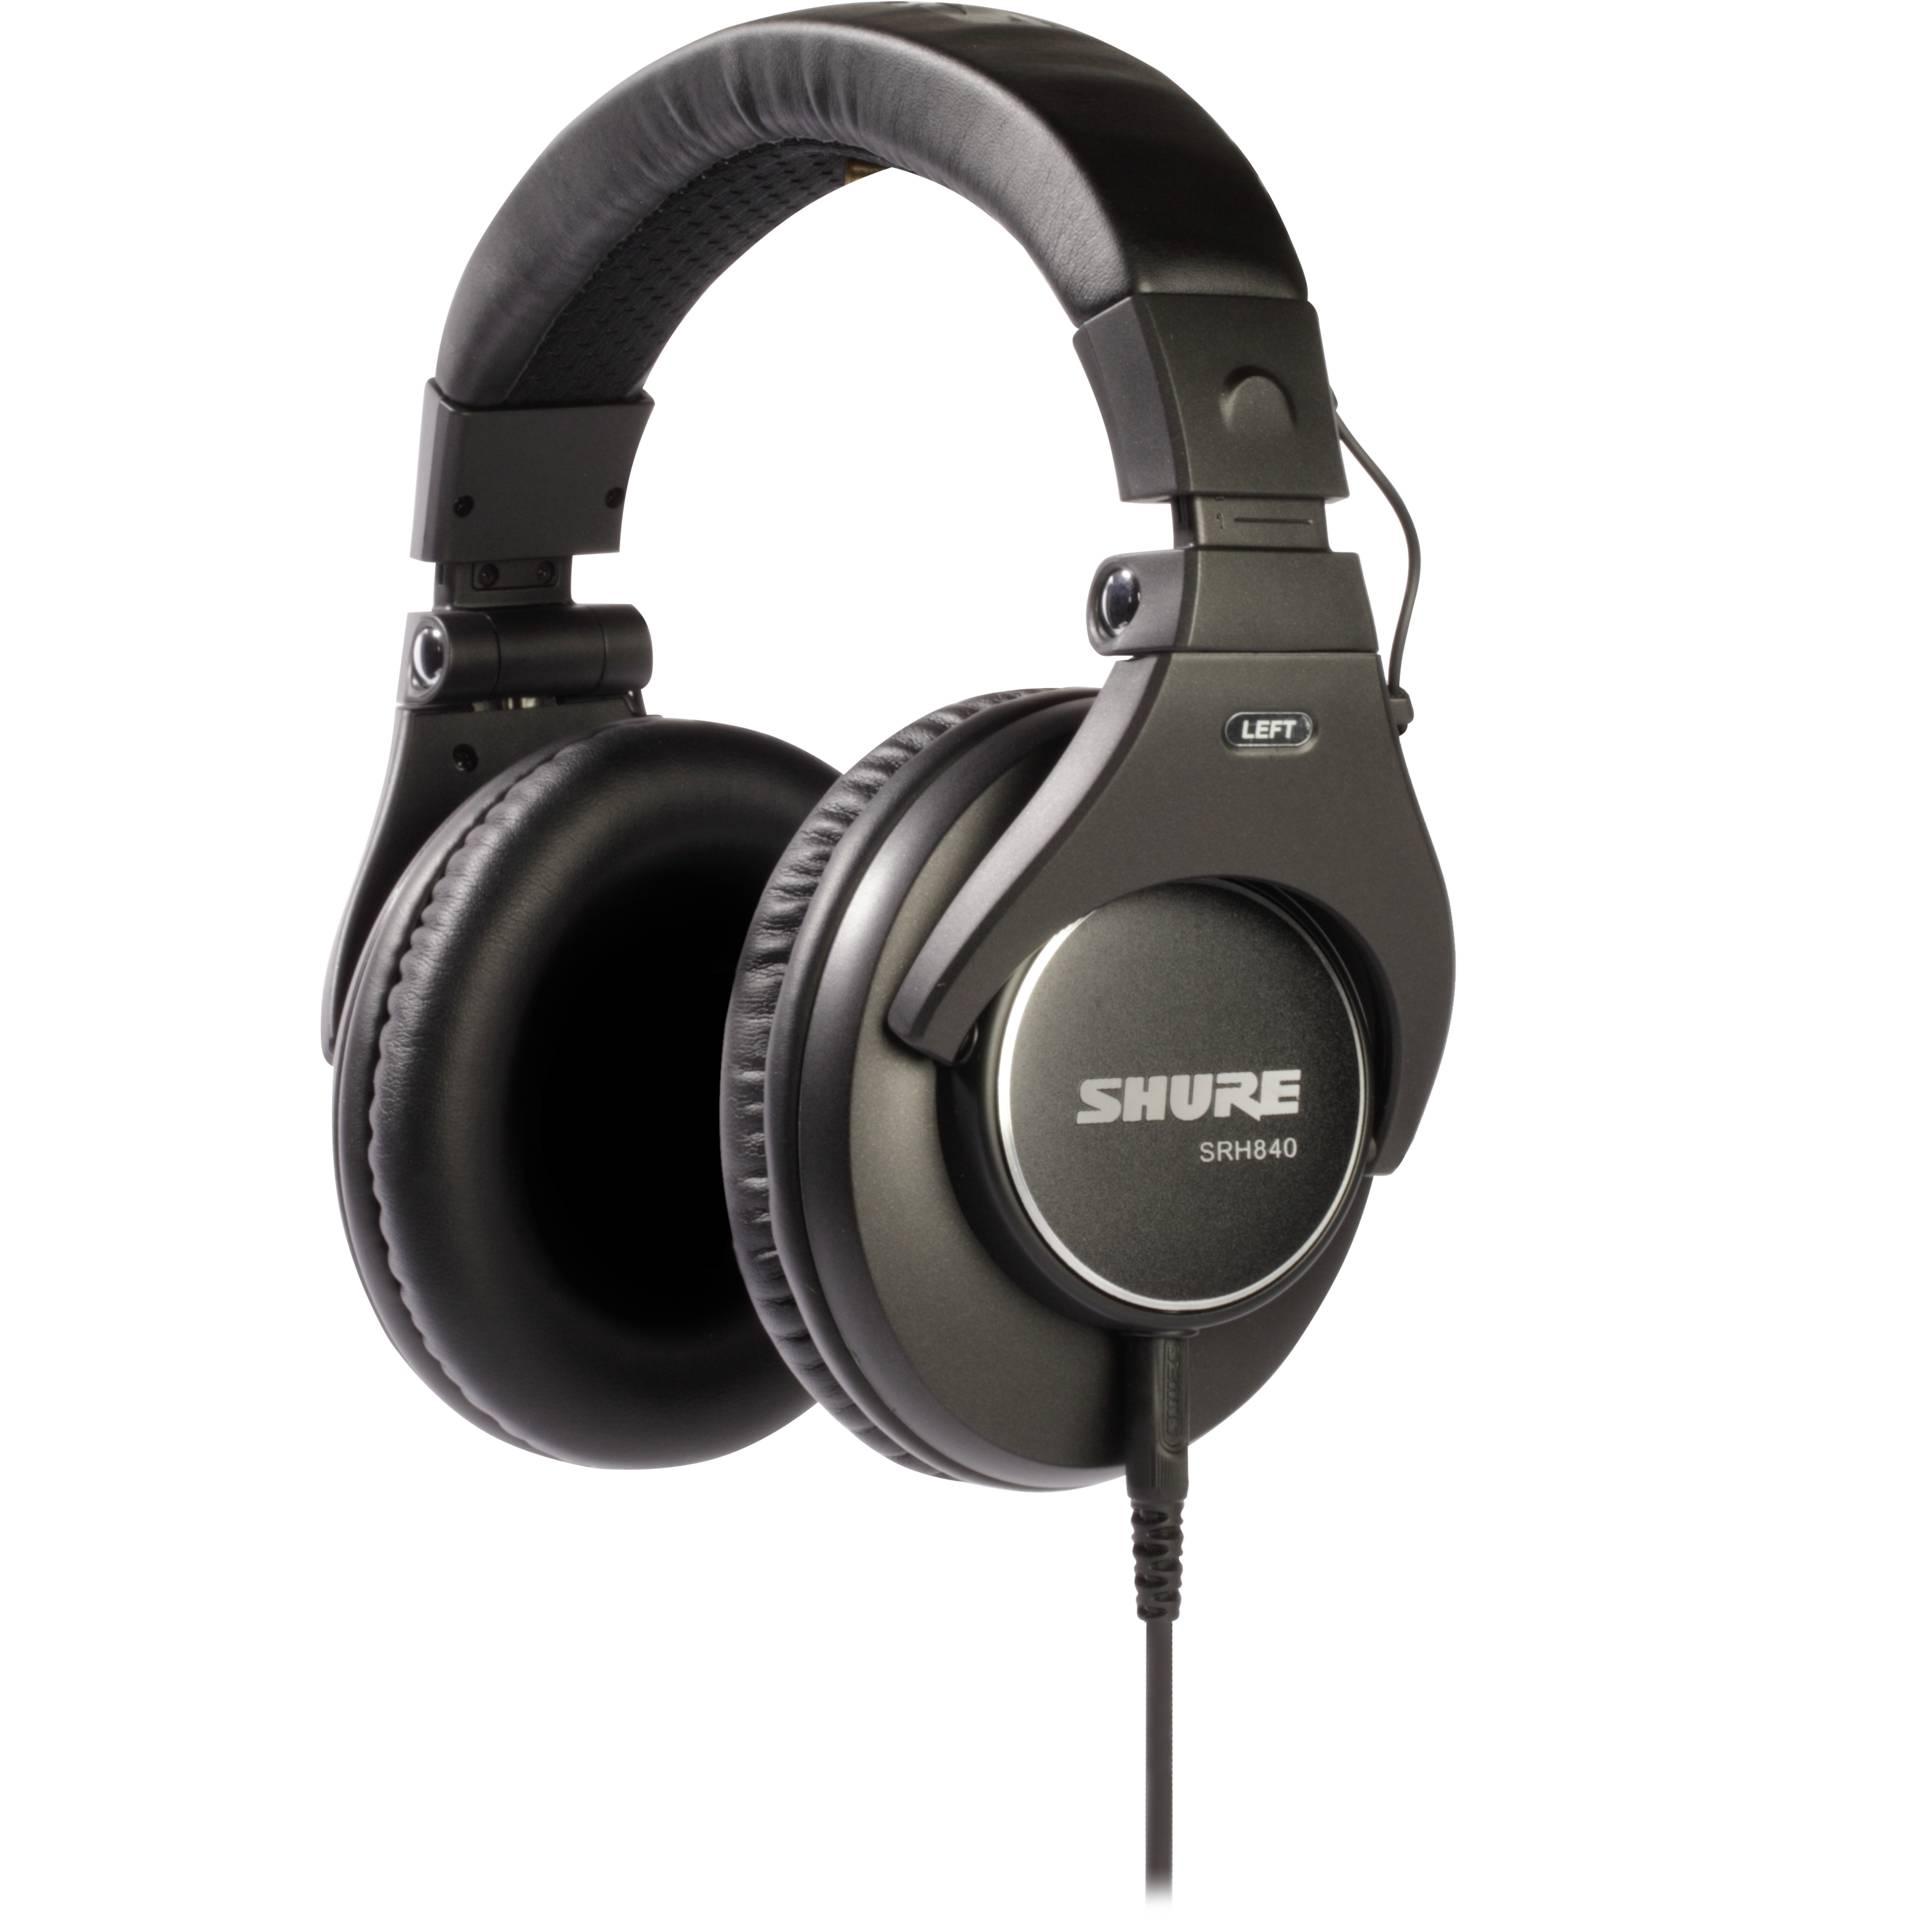 Shure SRH840-BK-EFS black